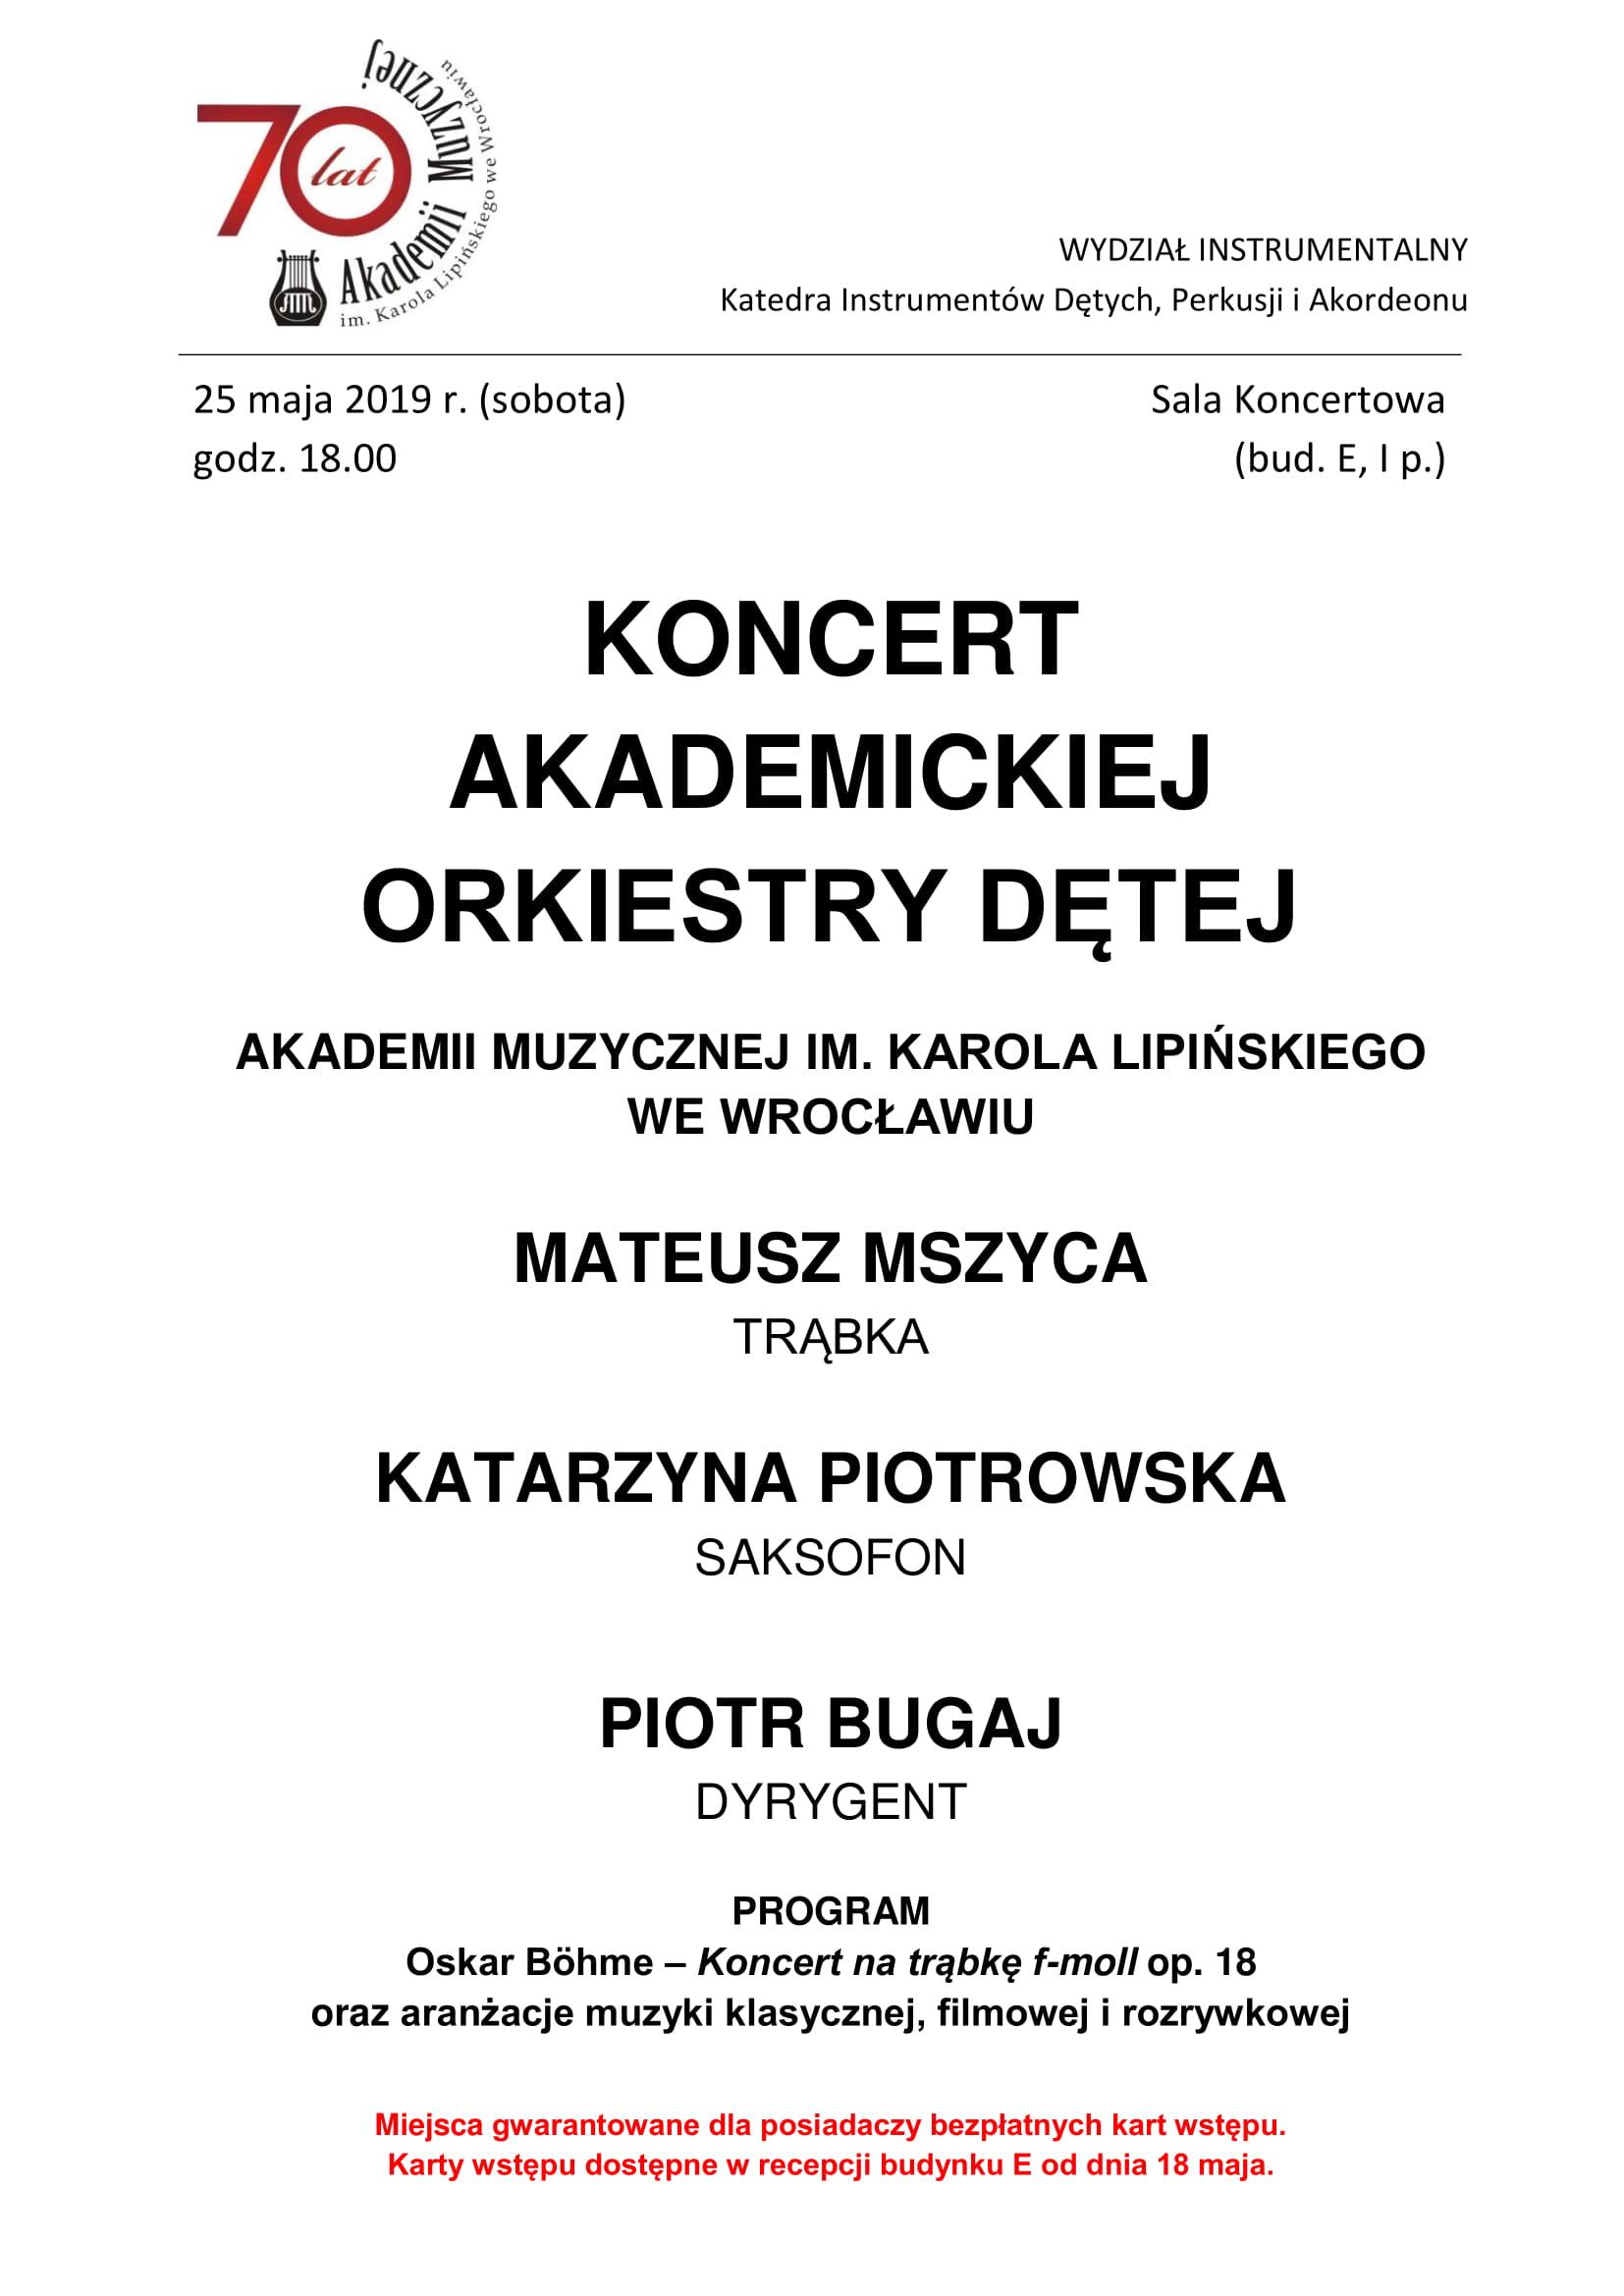 Koncert Akademickiej Orkiestry Dętej